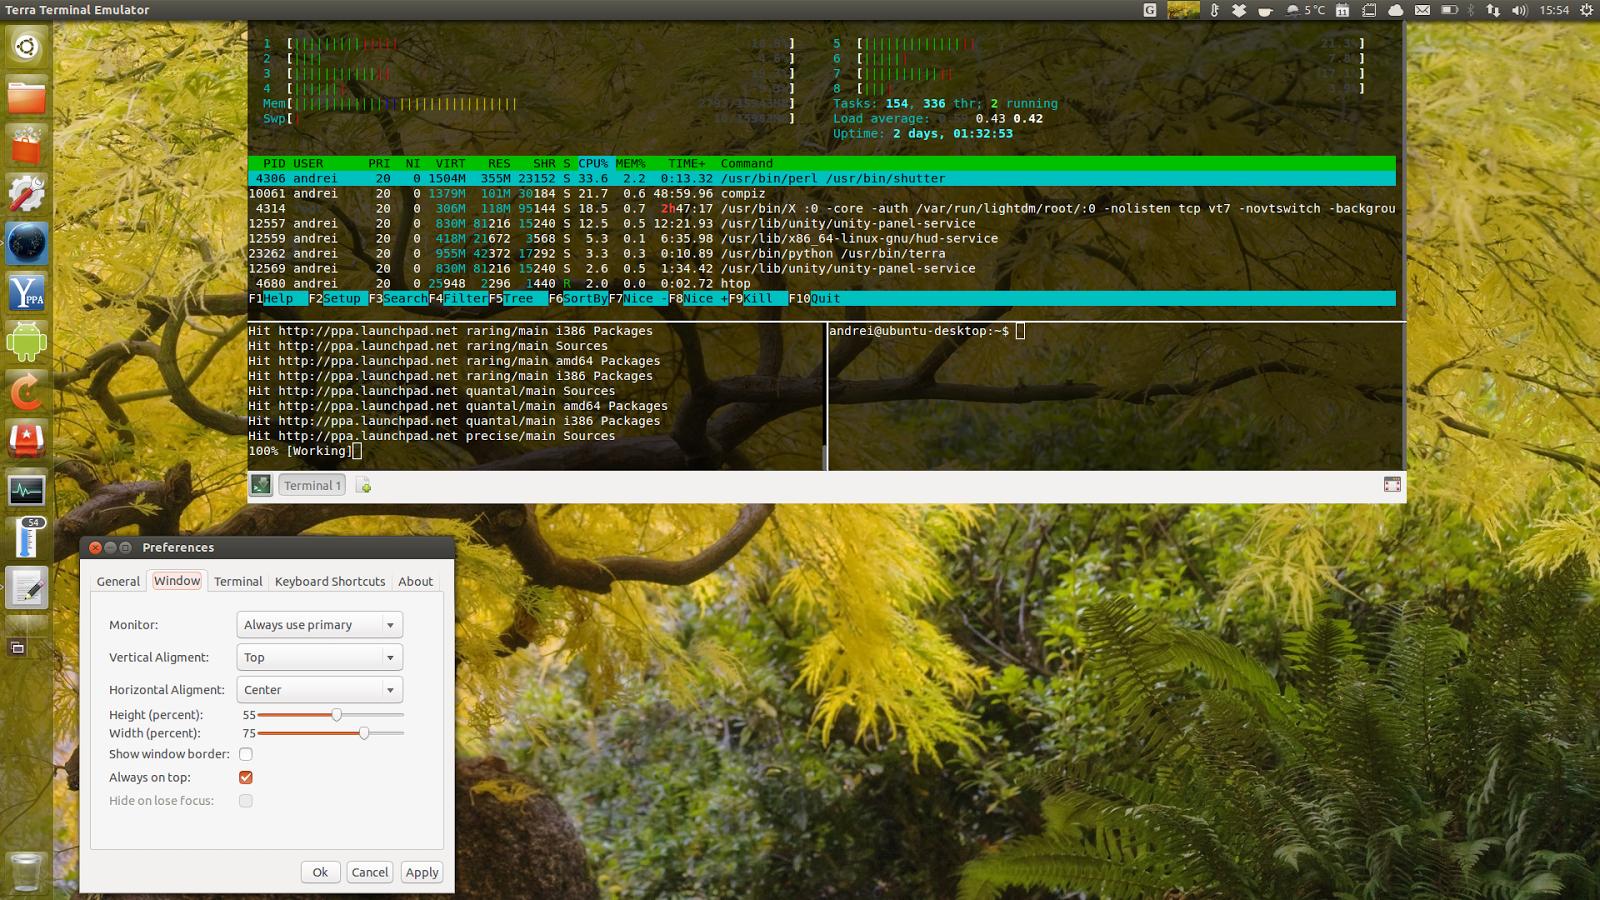 Terminal emulator android как пользоваться - 02